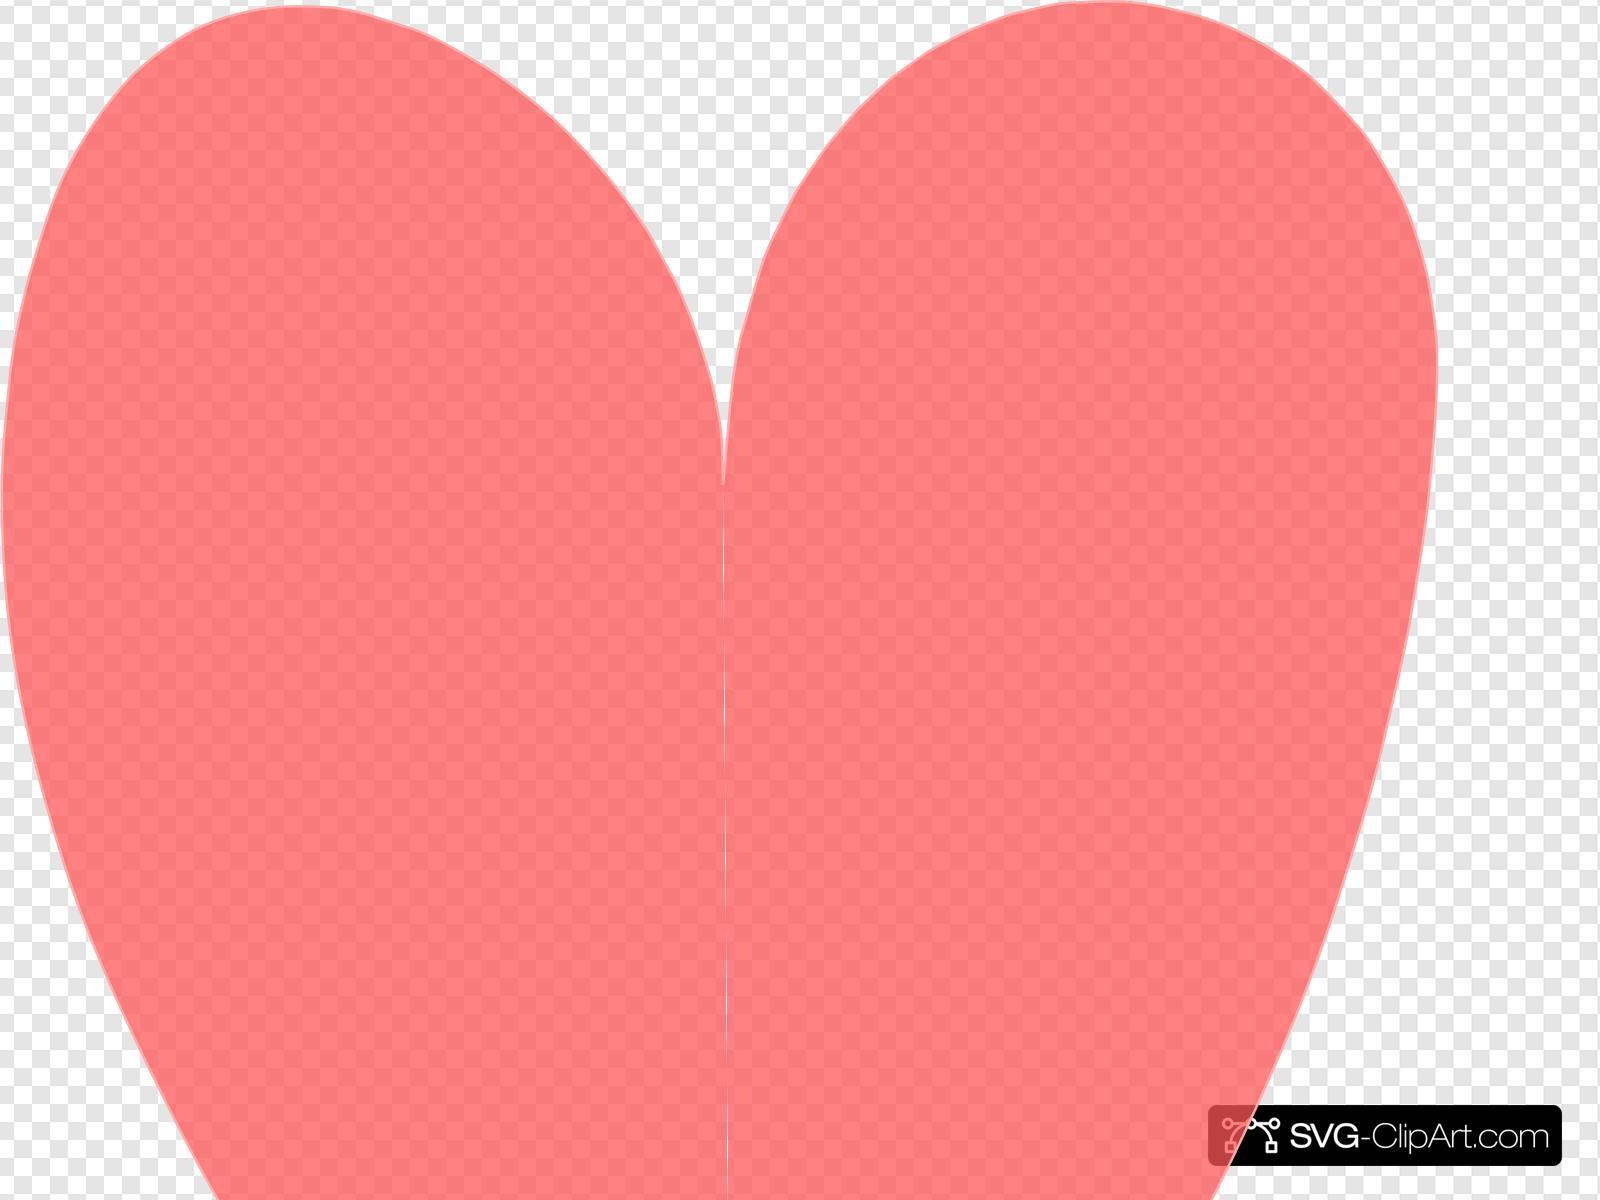 Orange Coral Heart Clip art, Icon and SVG.